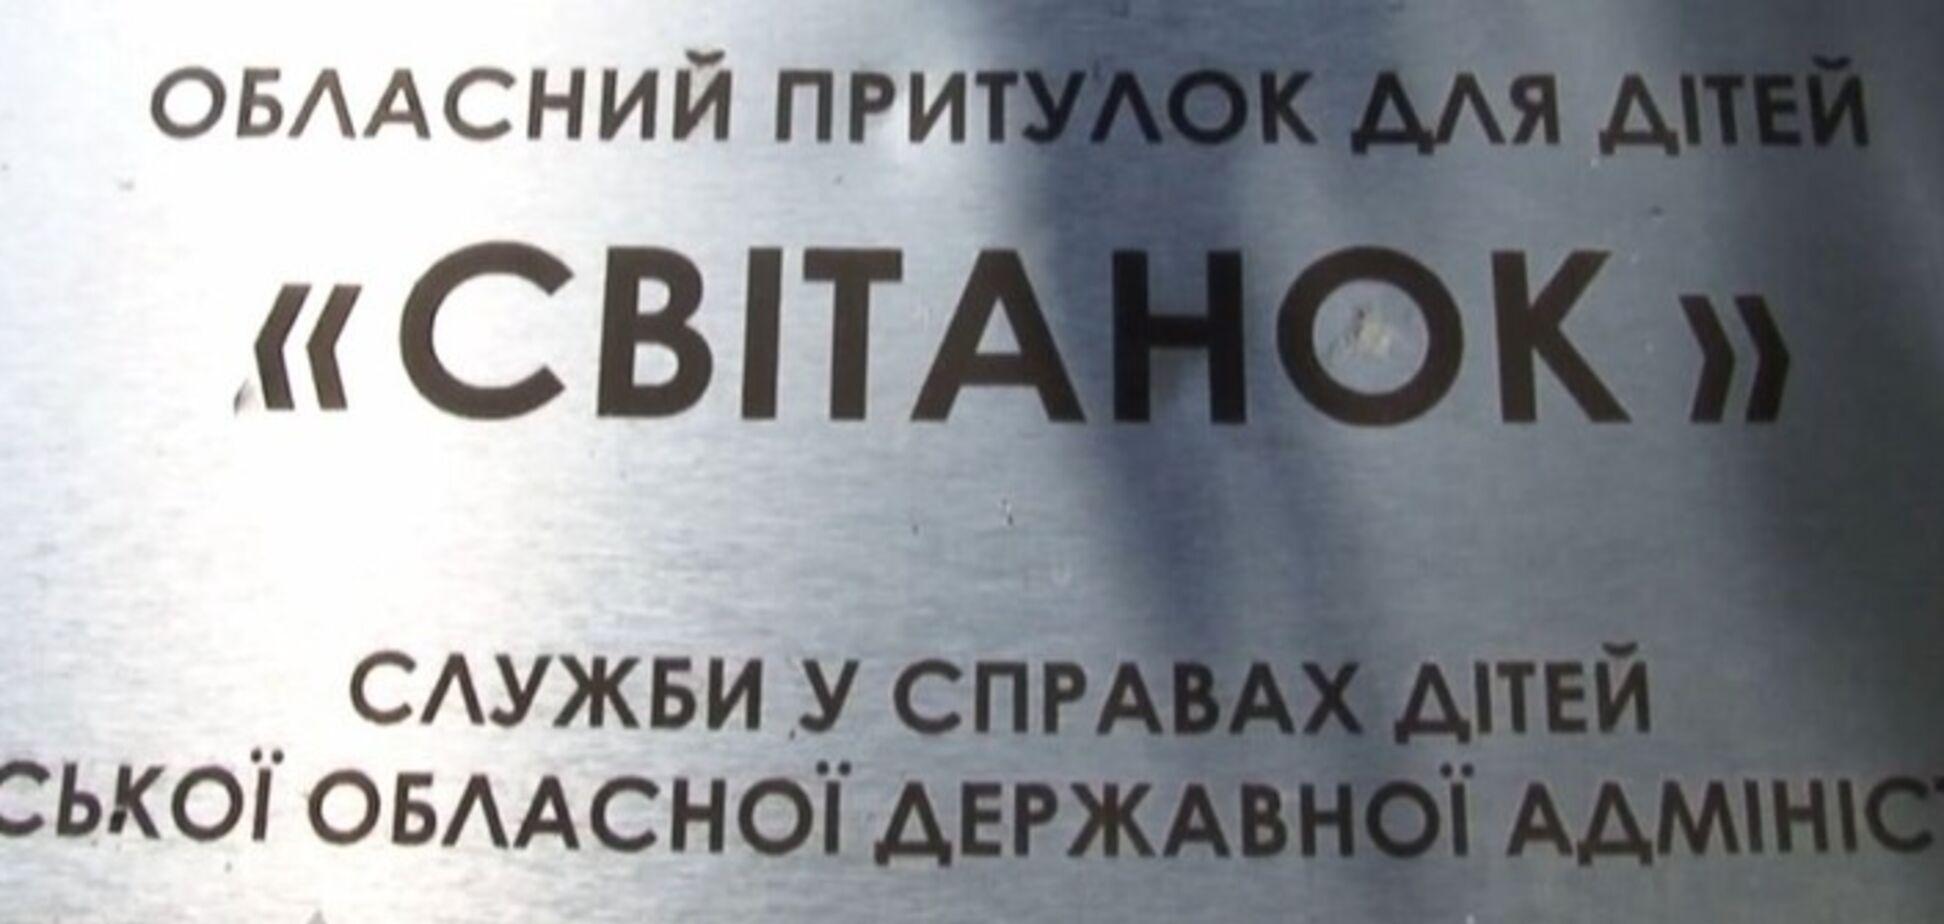 Діти тікали, різали вени та труїлися: стали відомі нові жахи знущань у притулку Одеси